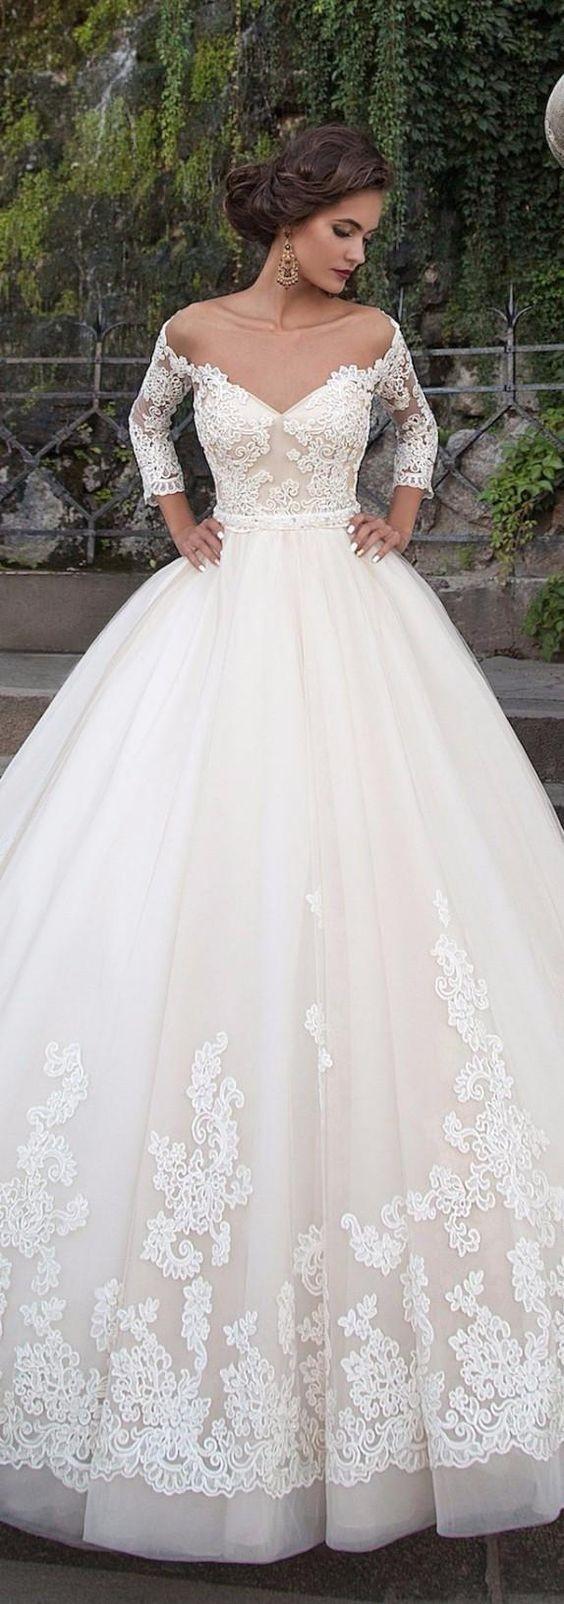 Свадебная мода на платья 2018 2019 фото